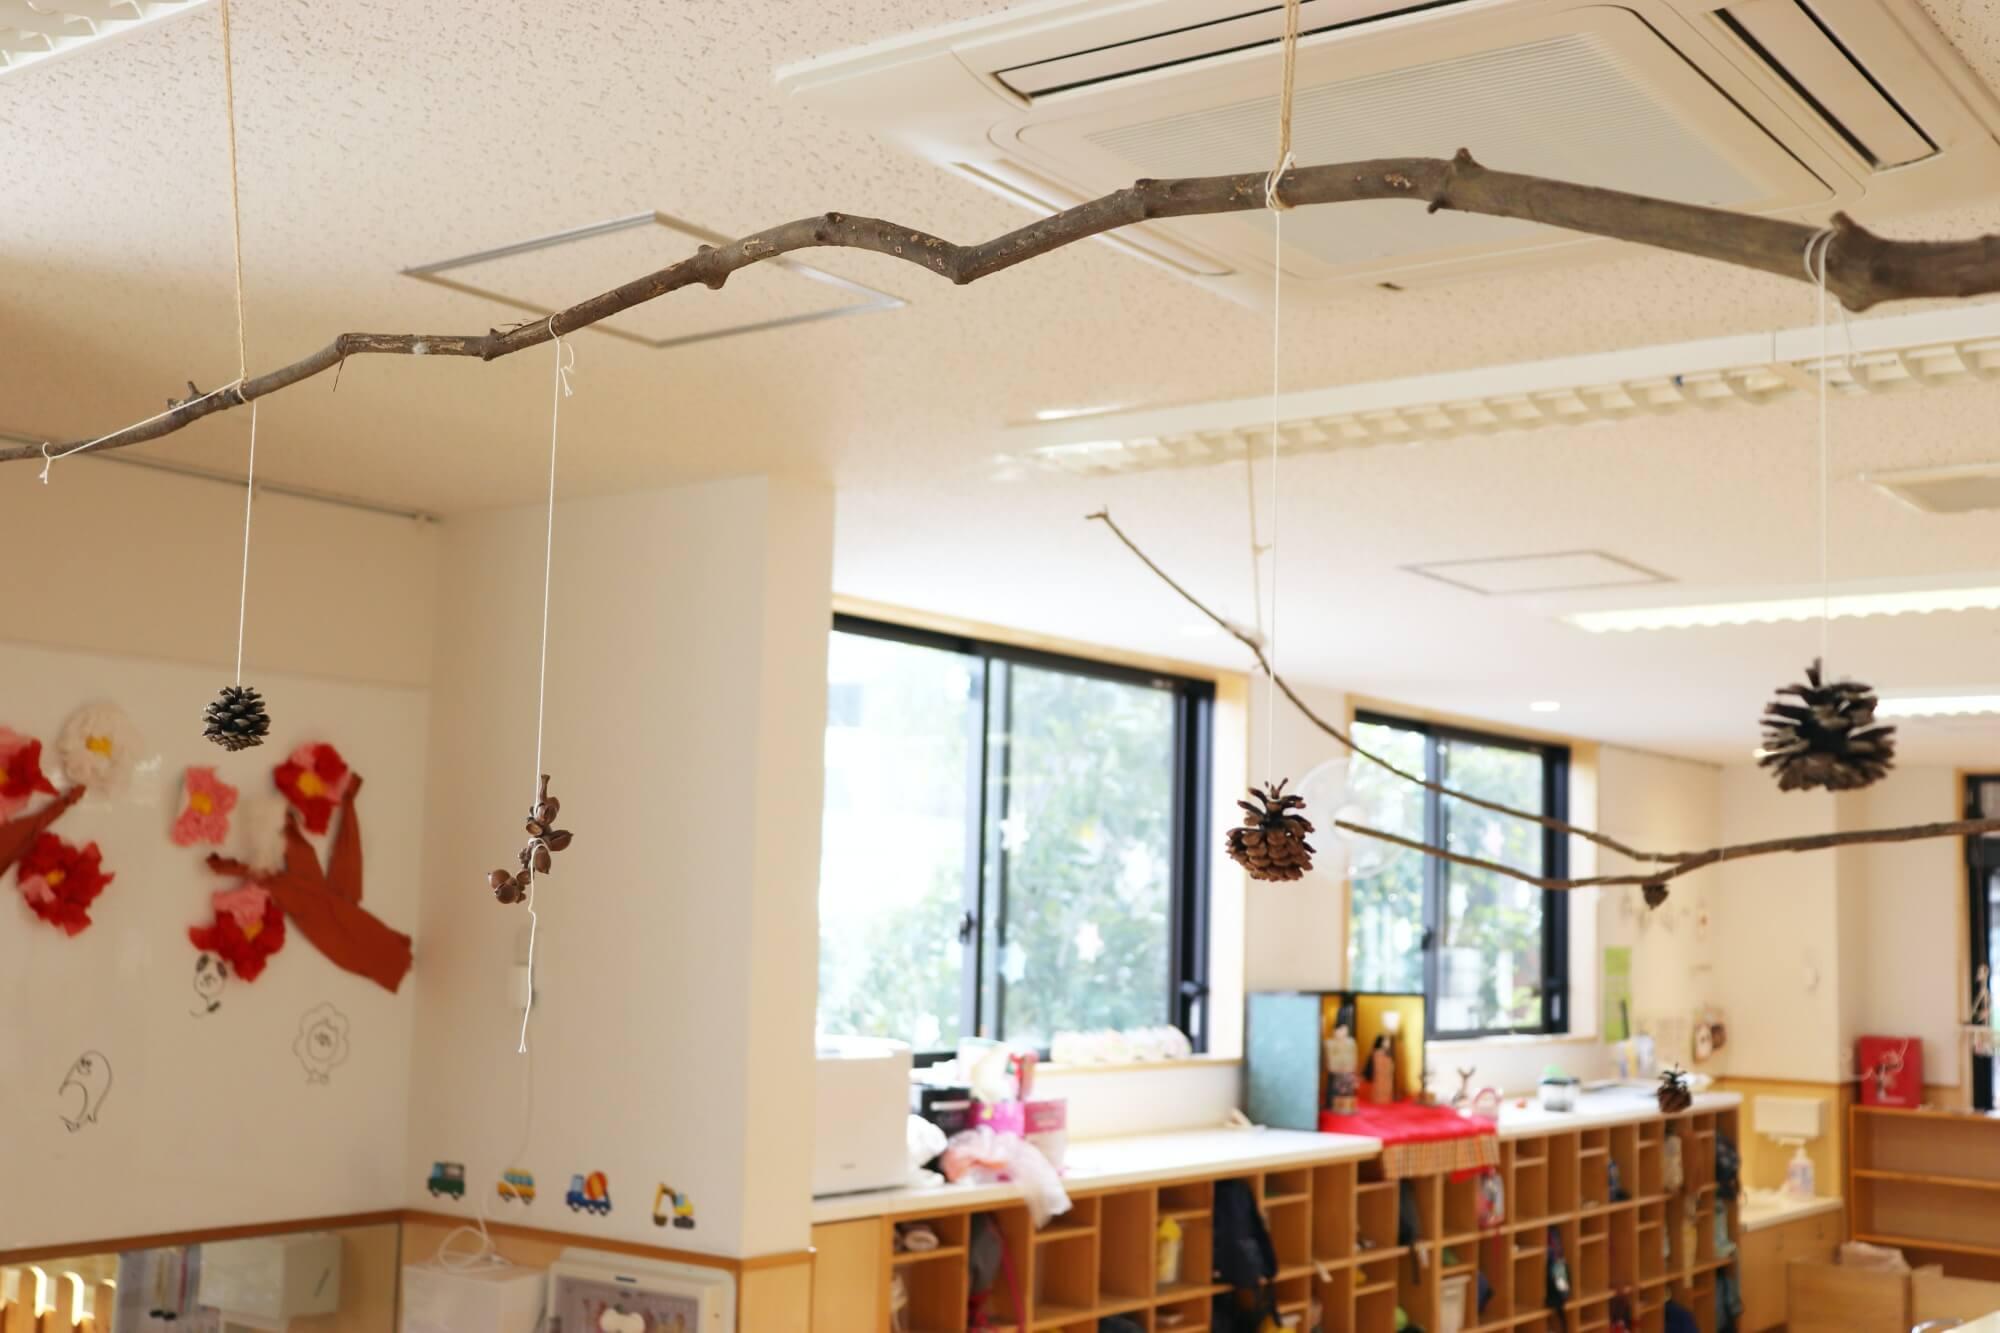 室内には木や松ぼっくりなど自然にあるもので作った飾りが数多く飾られている